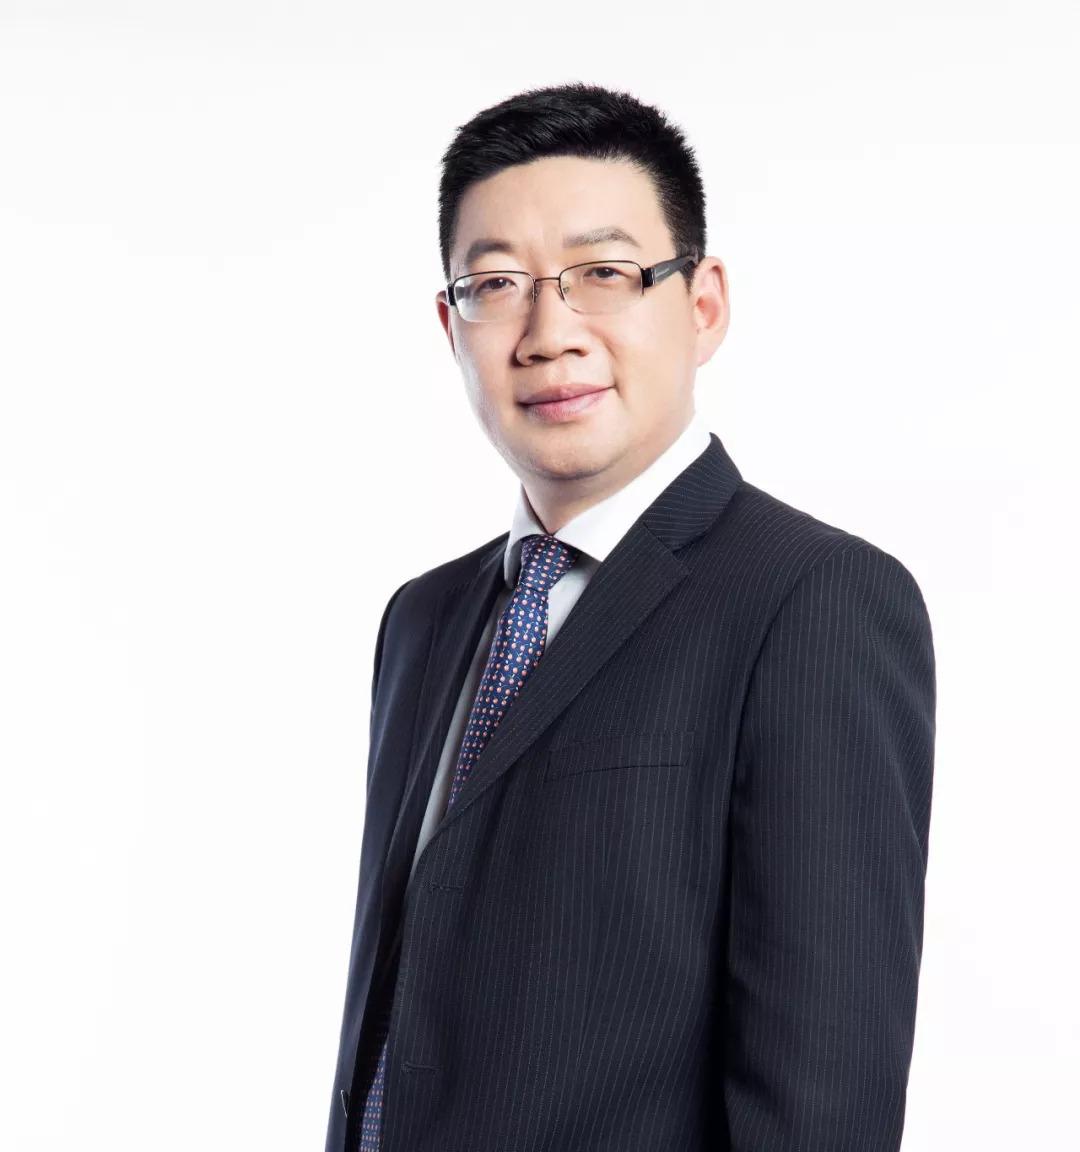 """嘉实基金邵健:如何把握下一个""""十倍股""""?"""